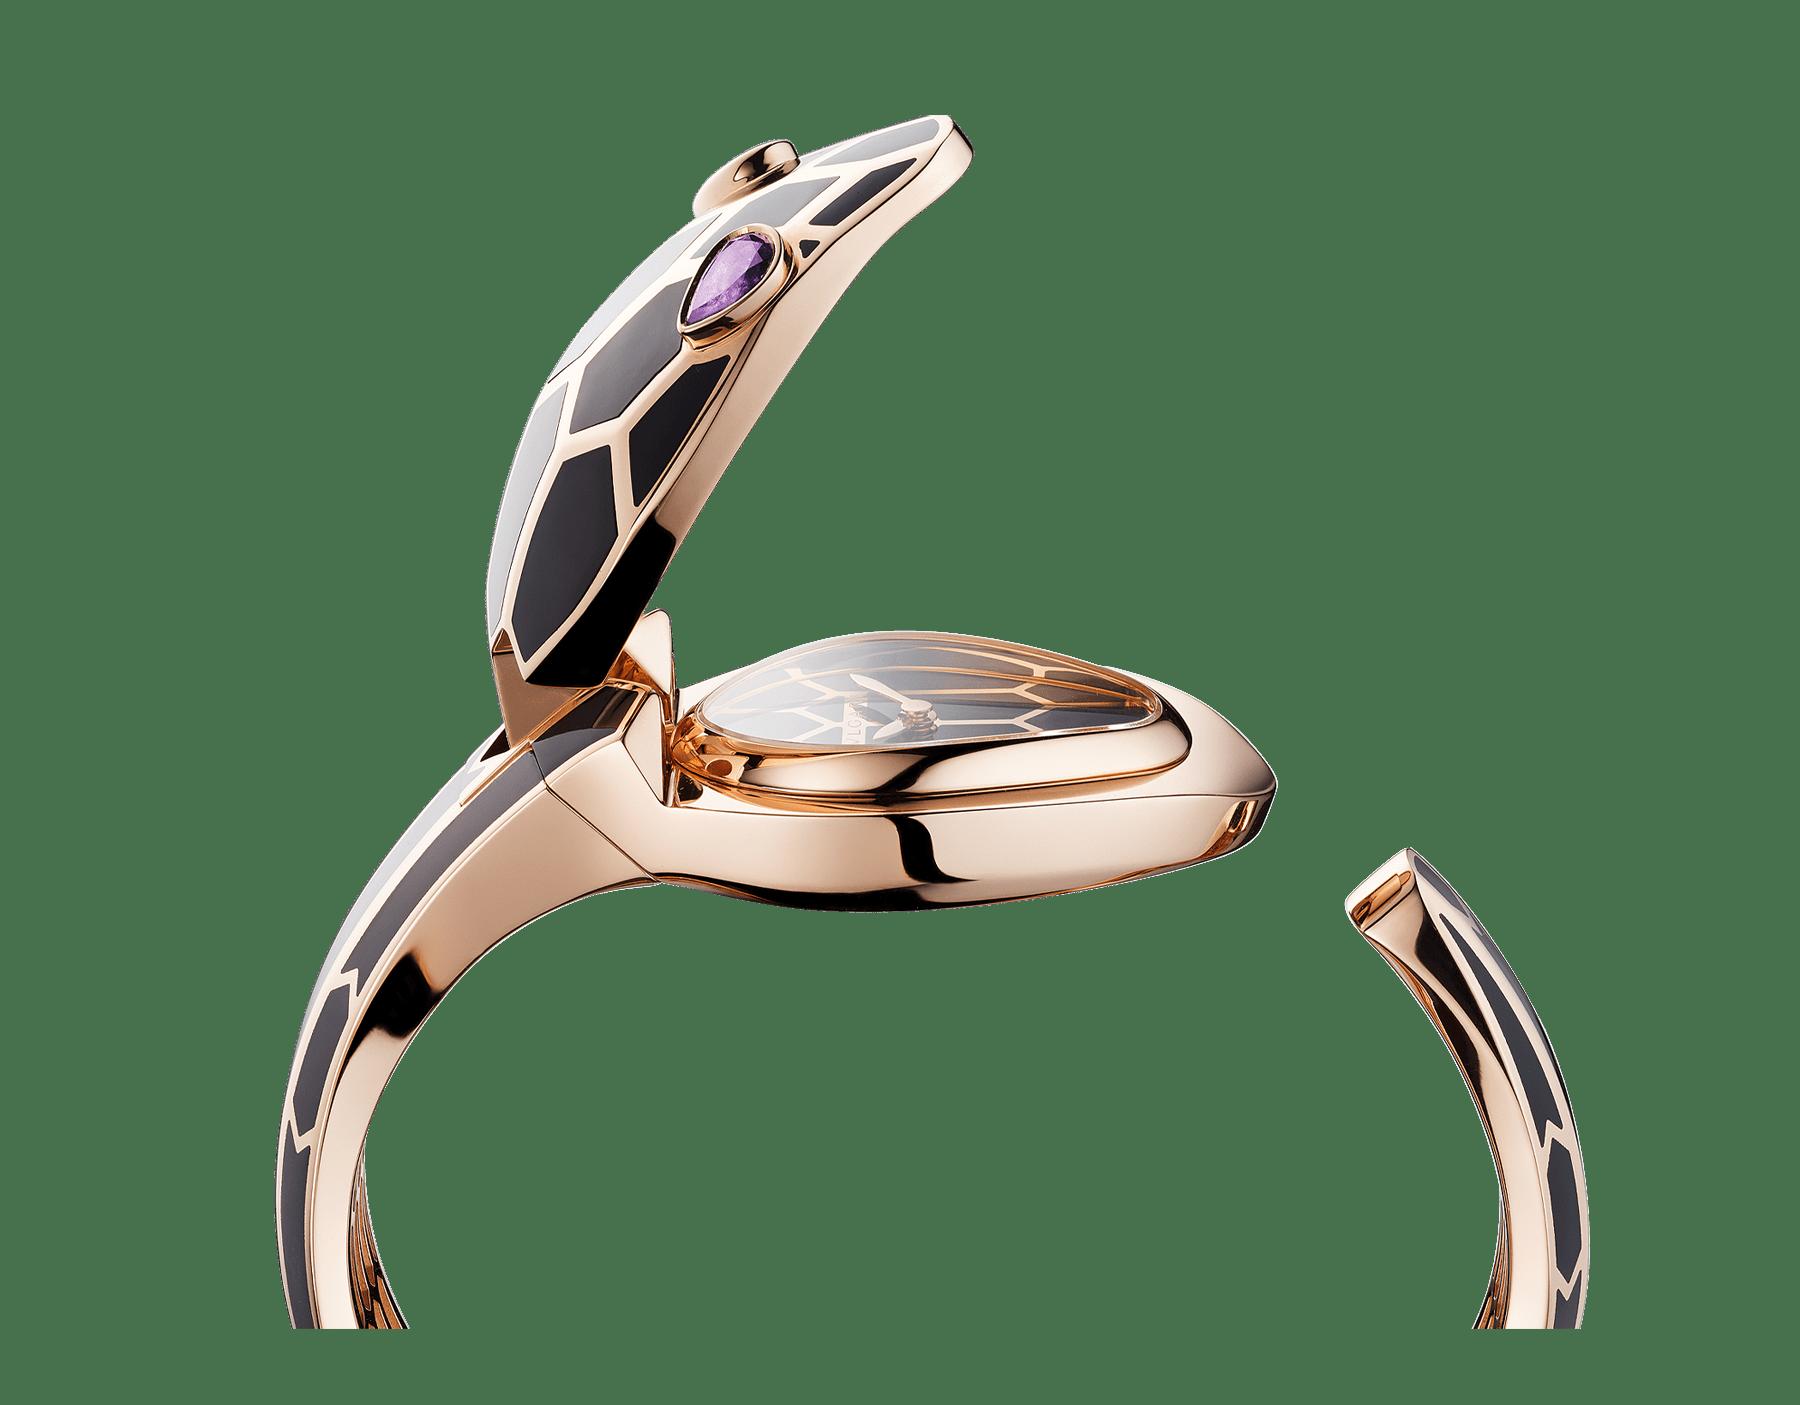 Montre à secret Serpenti Misteriosi avec boîtier et bracelet jonc en or rose 18K recouverts de laque noire, cadran laqué noir et yeux en améthyste taille poire. SrpntSecretWtc-rose-gold image 6